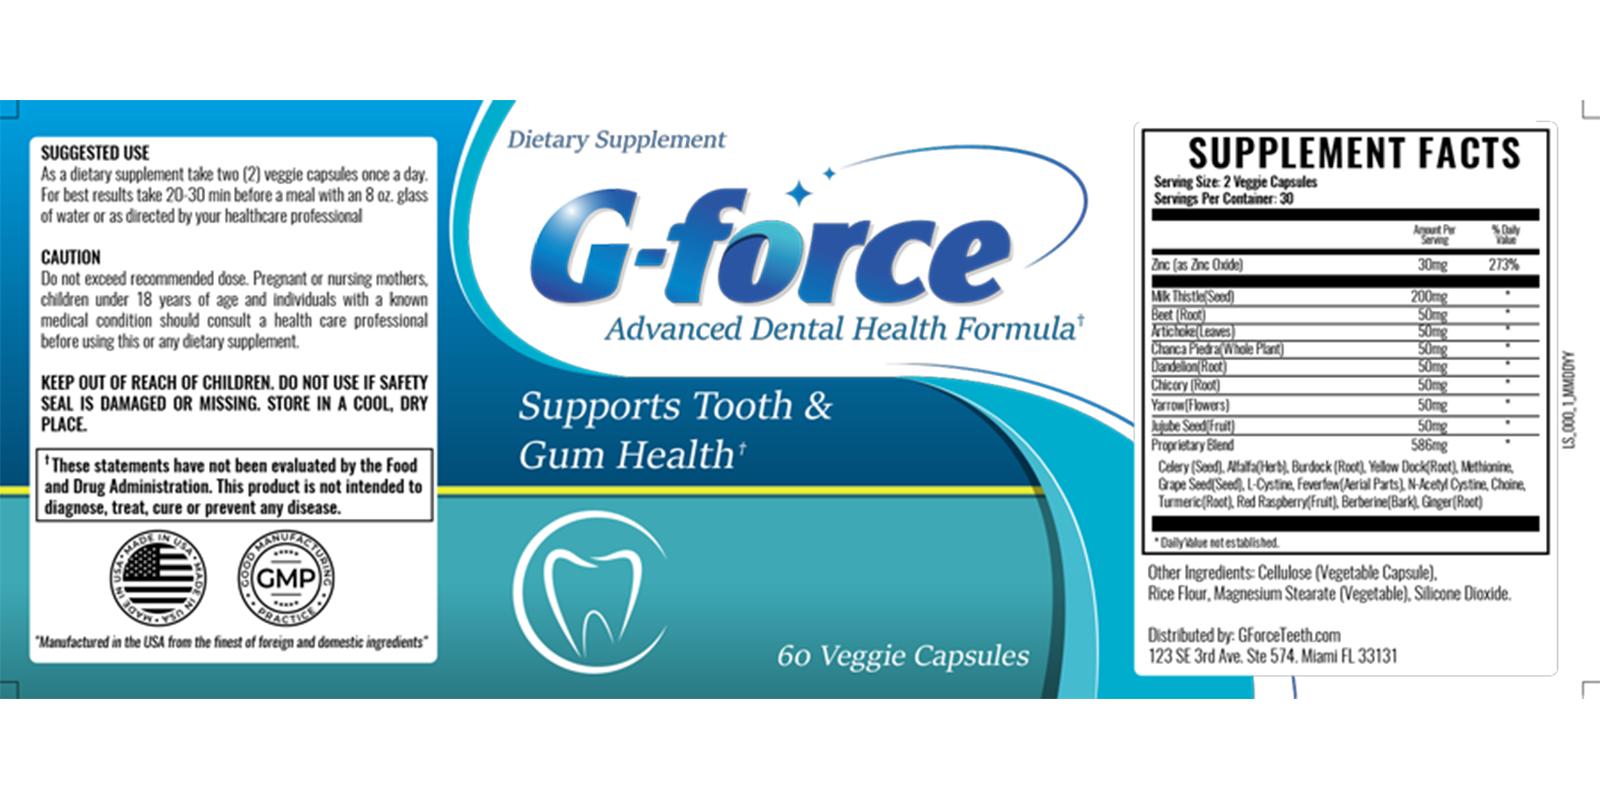 G-force dental health supplement dosage